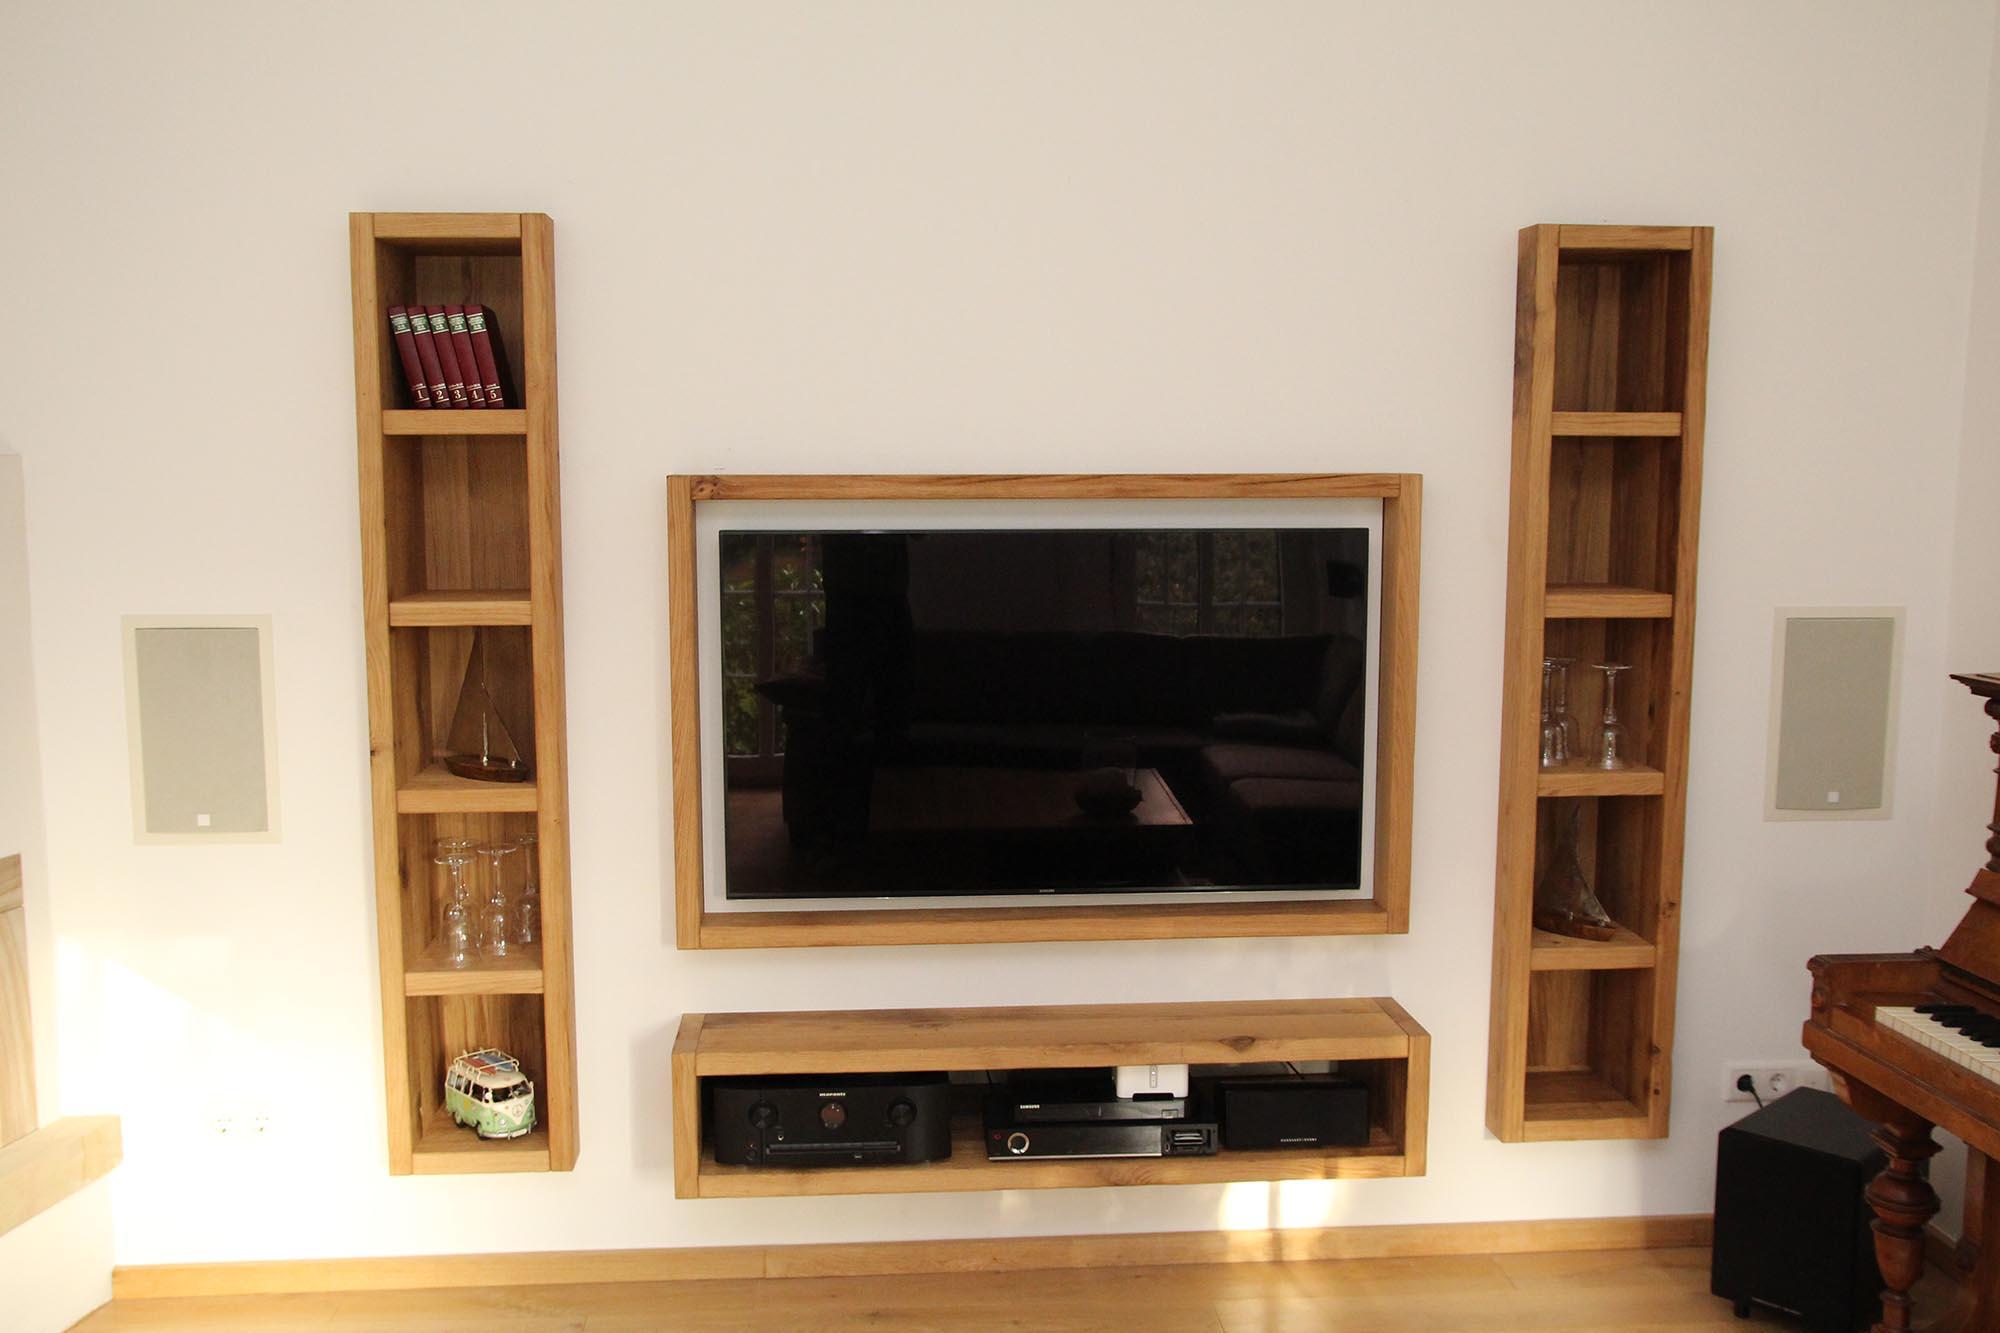 tv m bel in wand eingelassen tischlerei hehmann. Black Bedroom Furniture Sets. Home Design Ideas